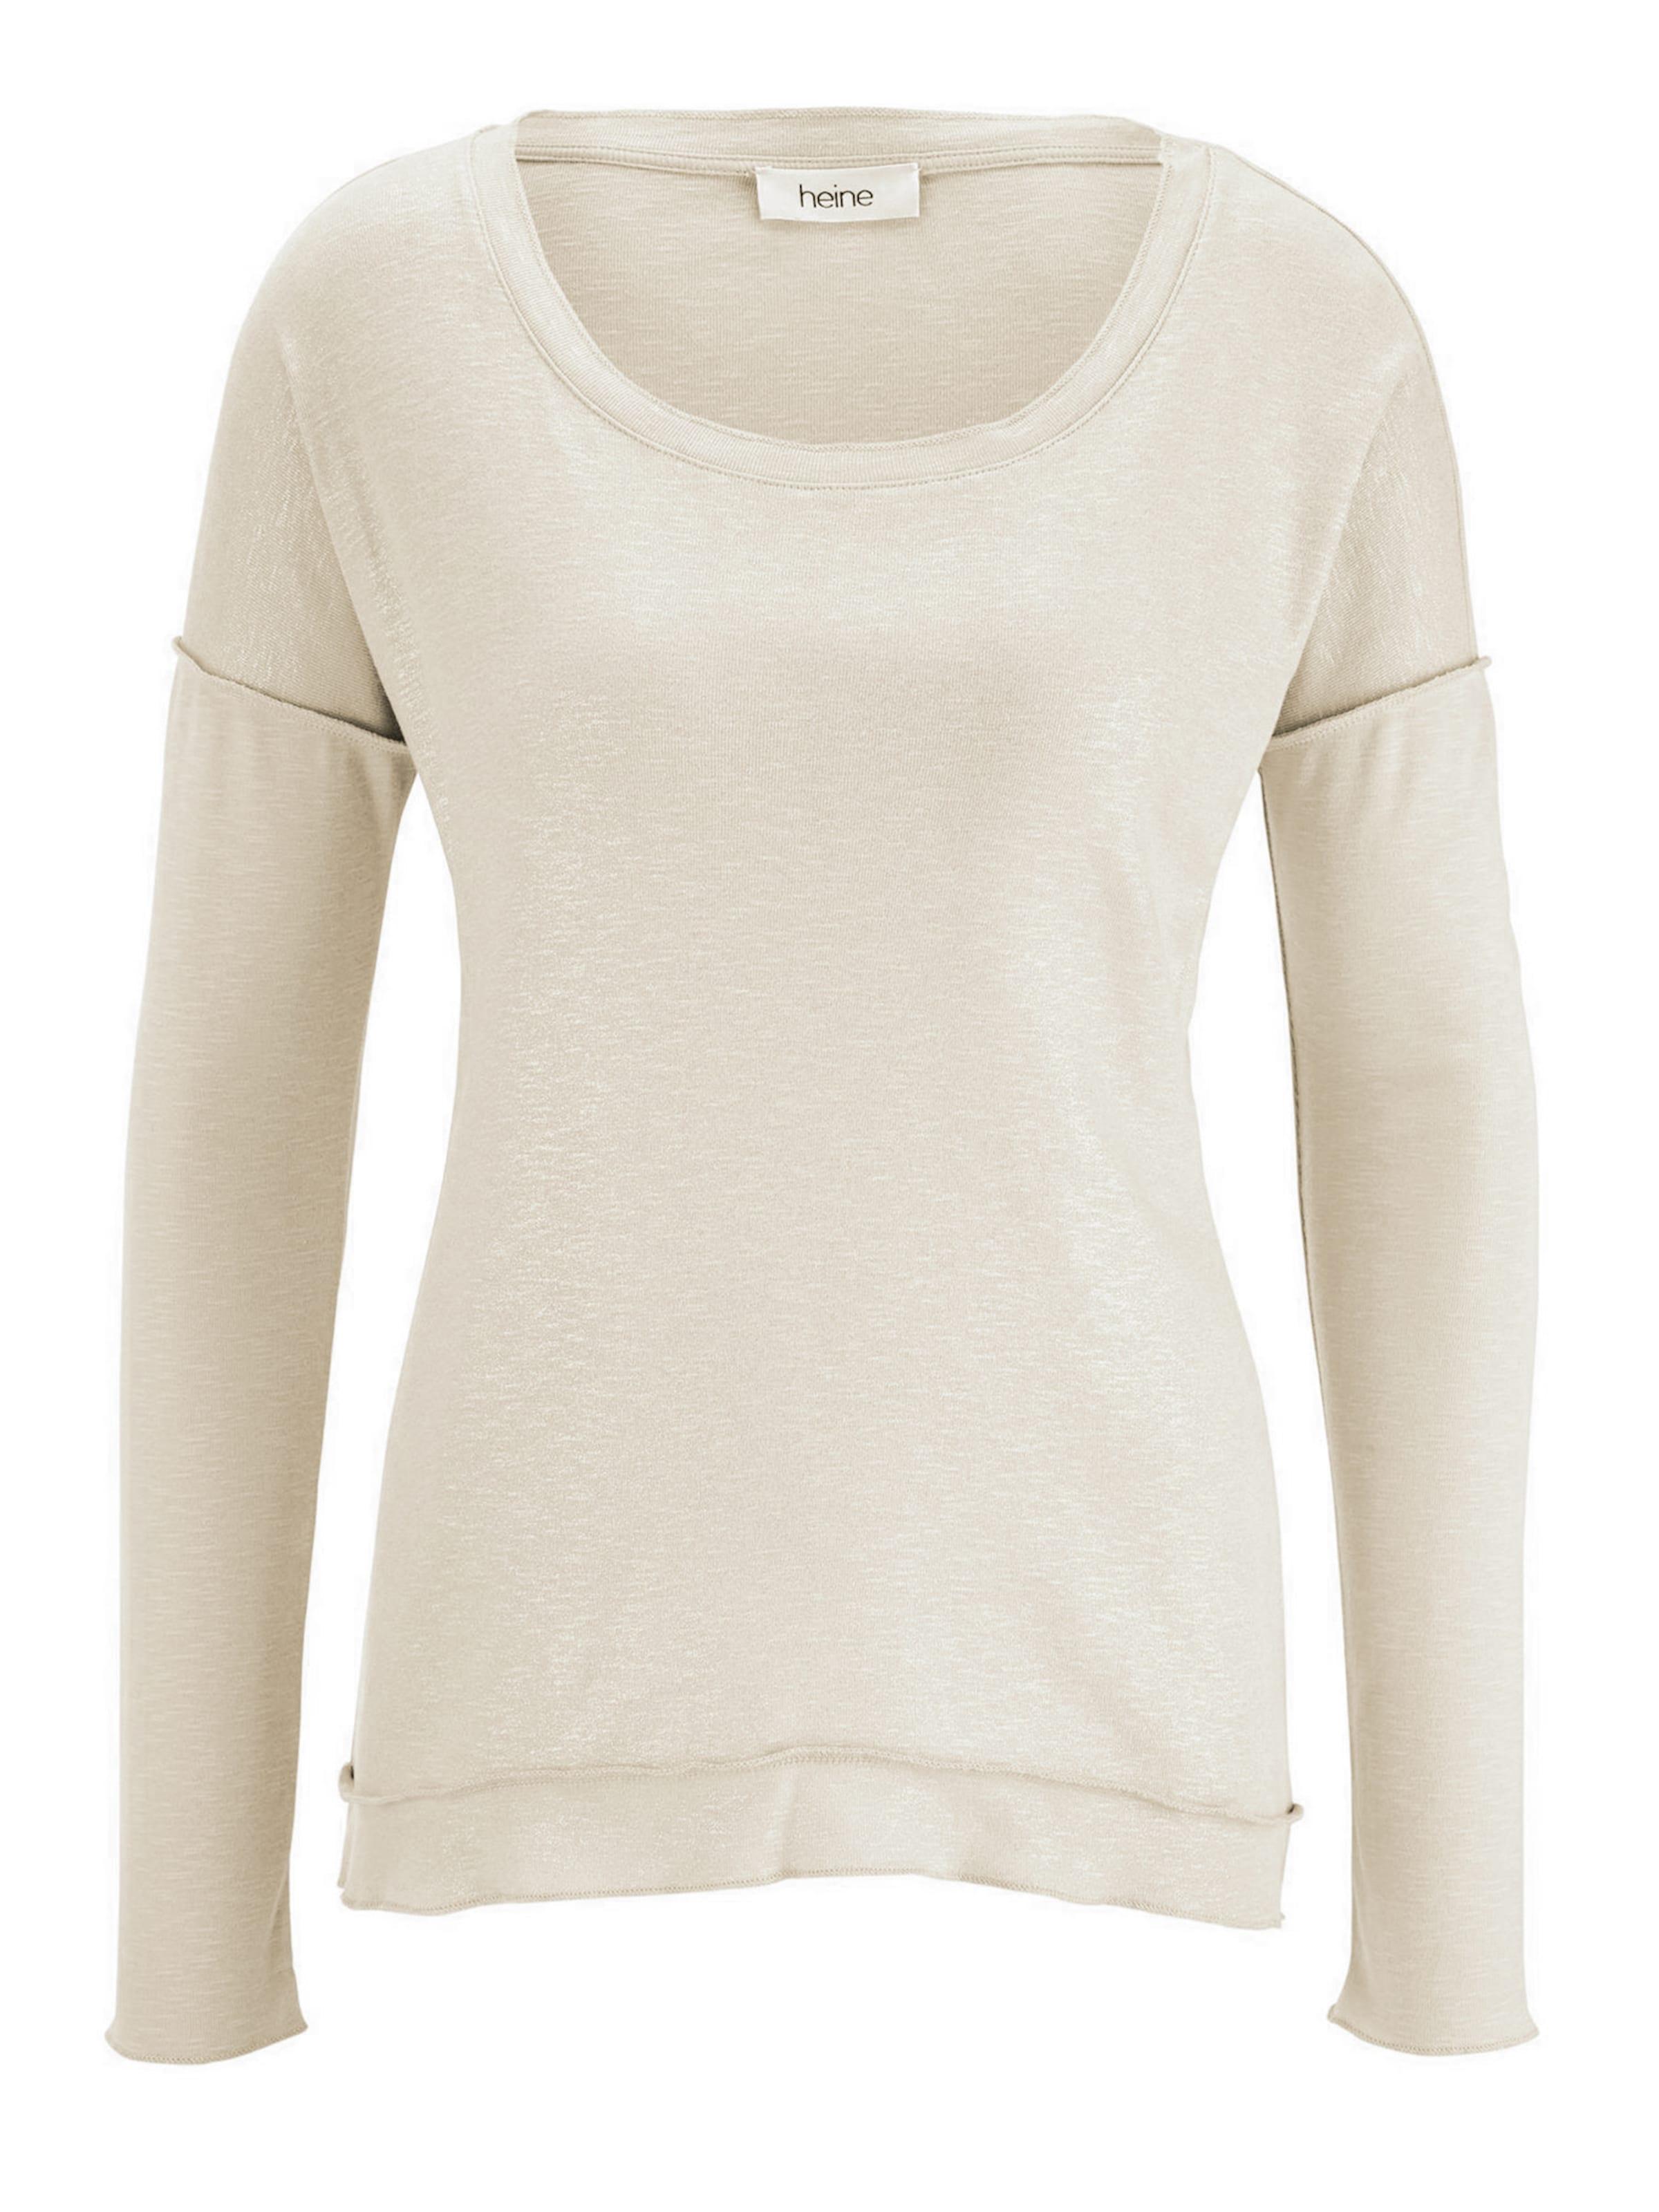 Shirt Heine In Offwhite Heine Offwhite Offwhite Heine Heine Shirt In In Shirt 9EDIHW2Y